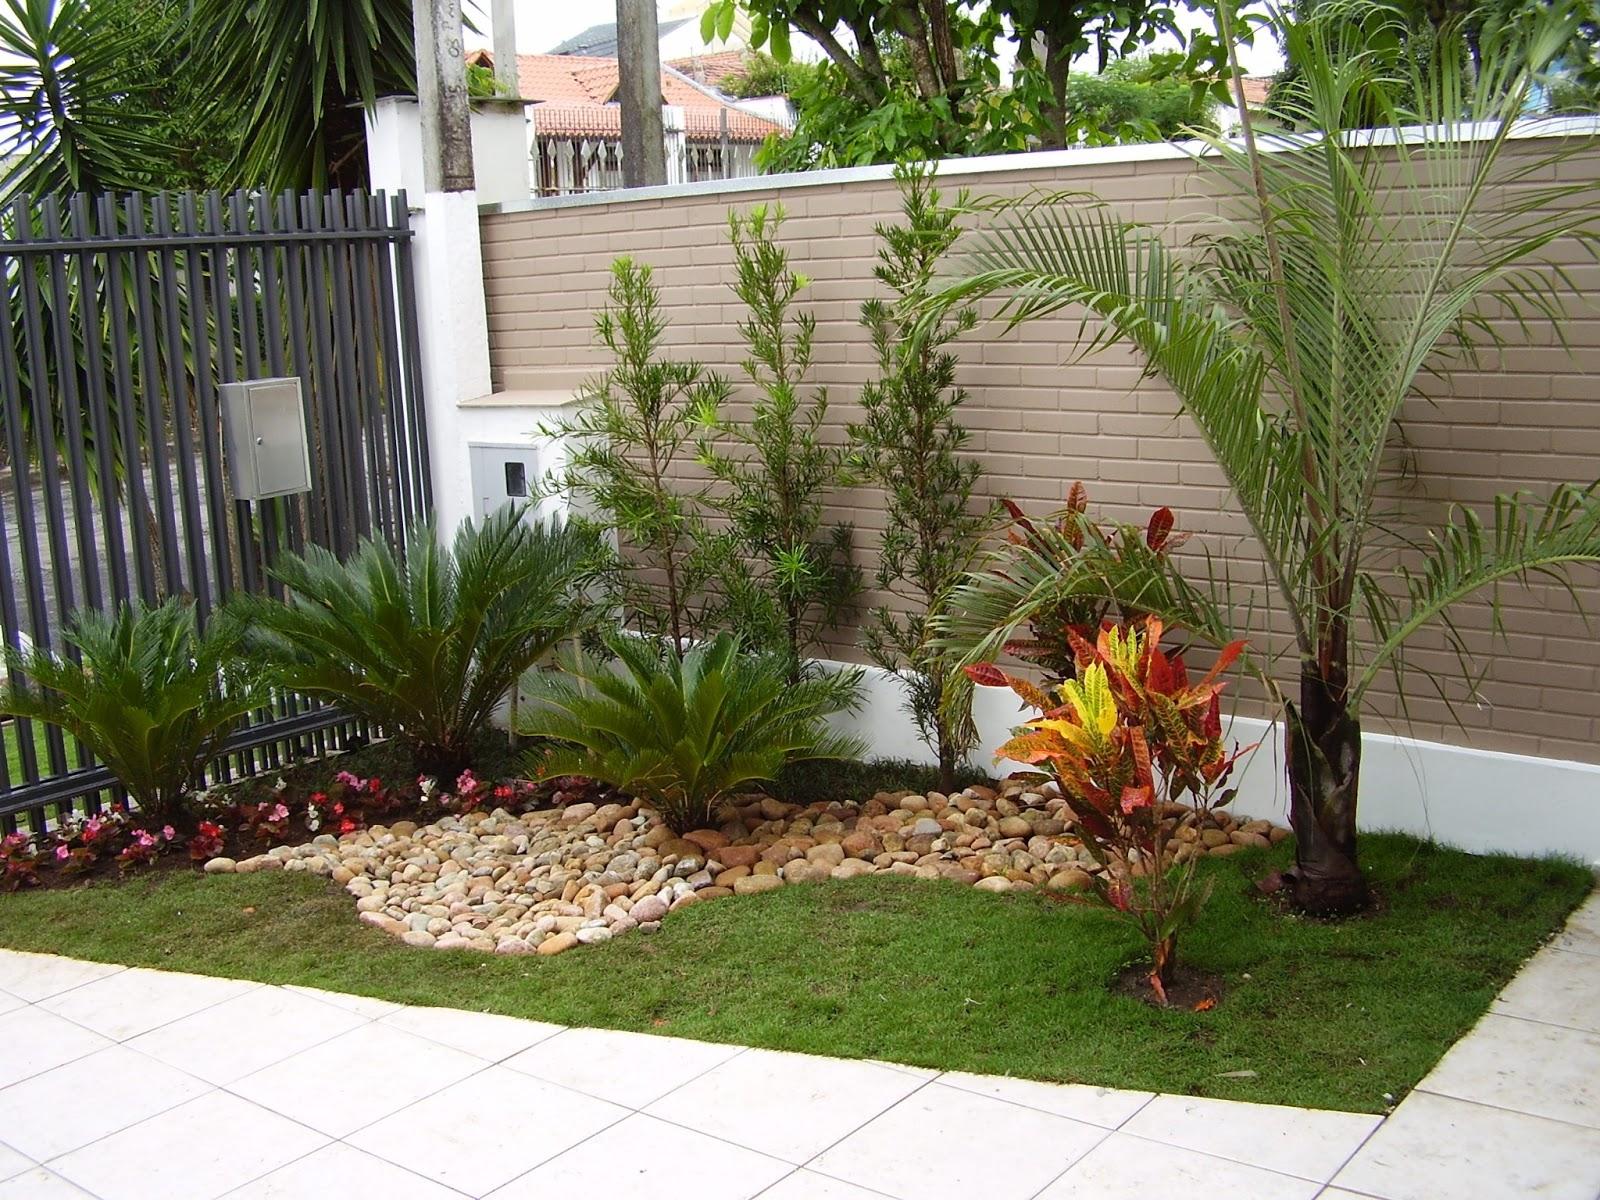 ideias jardim exterior:Construindo Minha Casa Clean: Jardins Externos!!! Fachadas com plantas